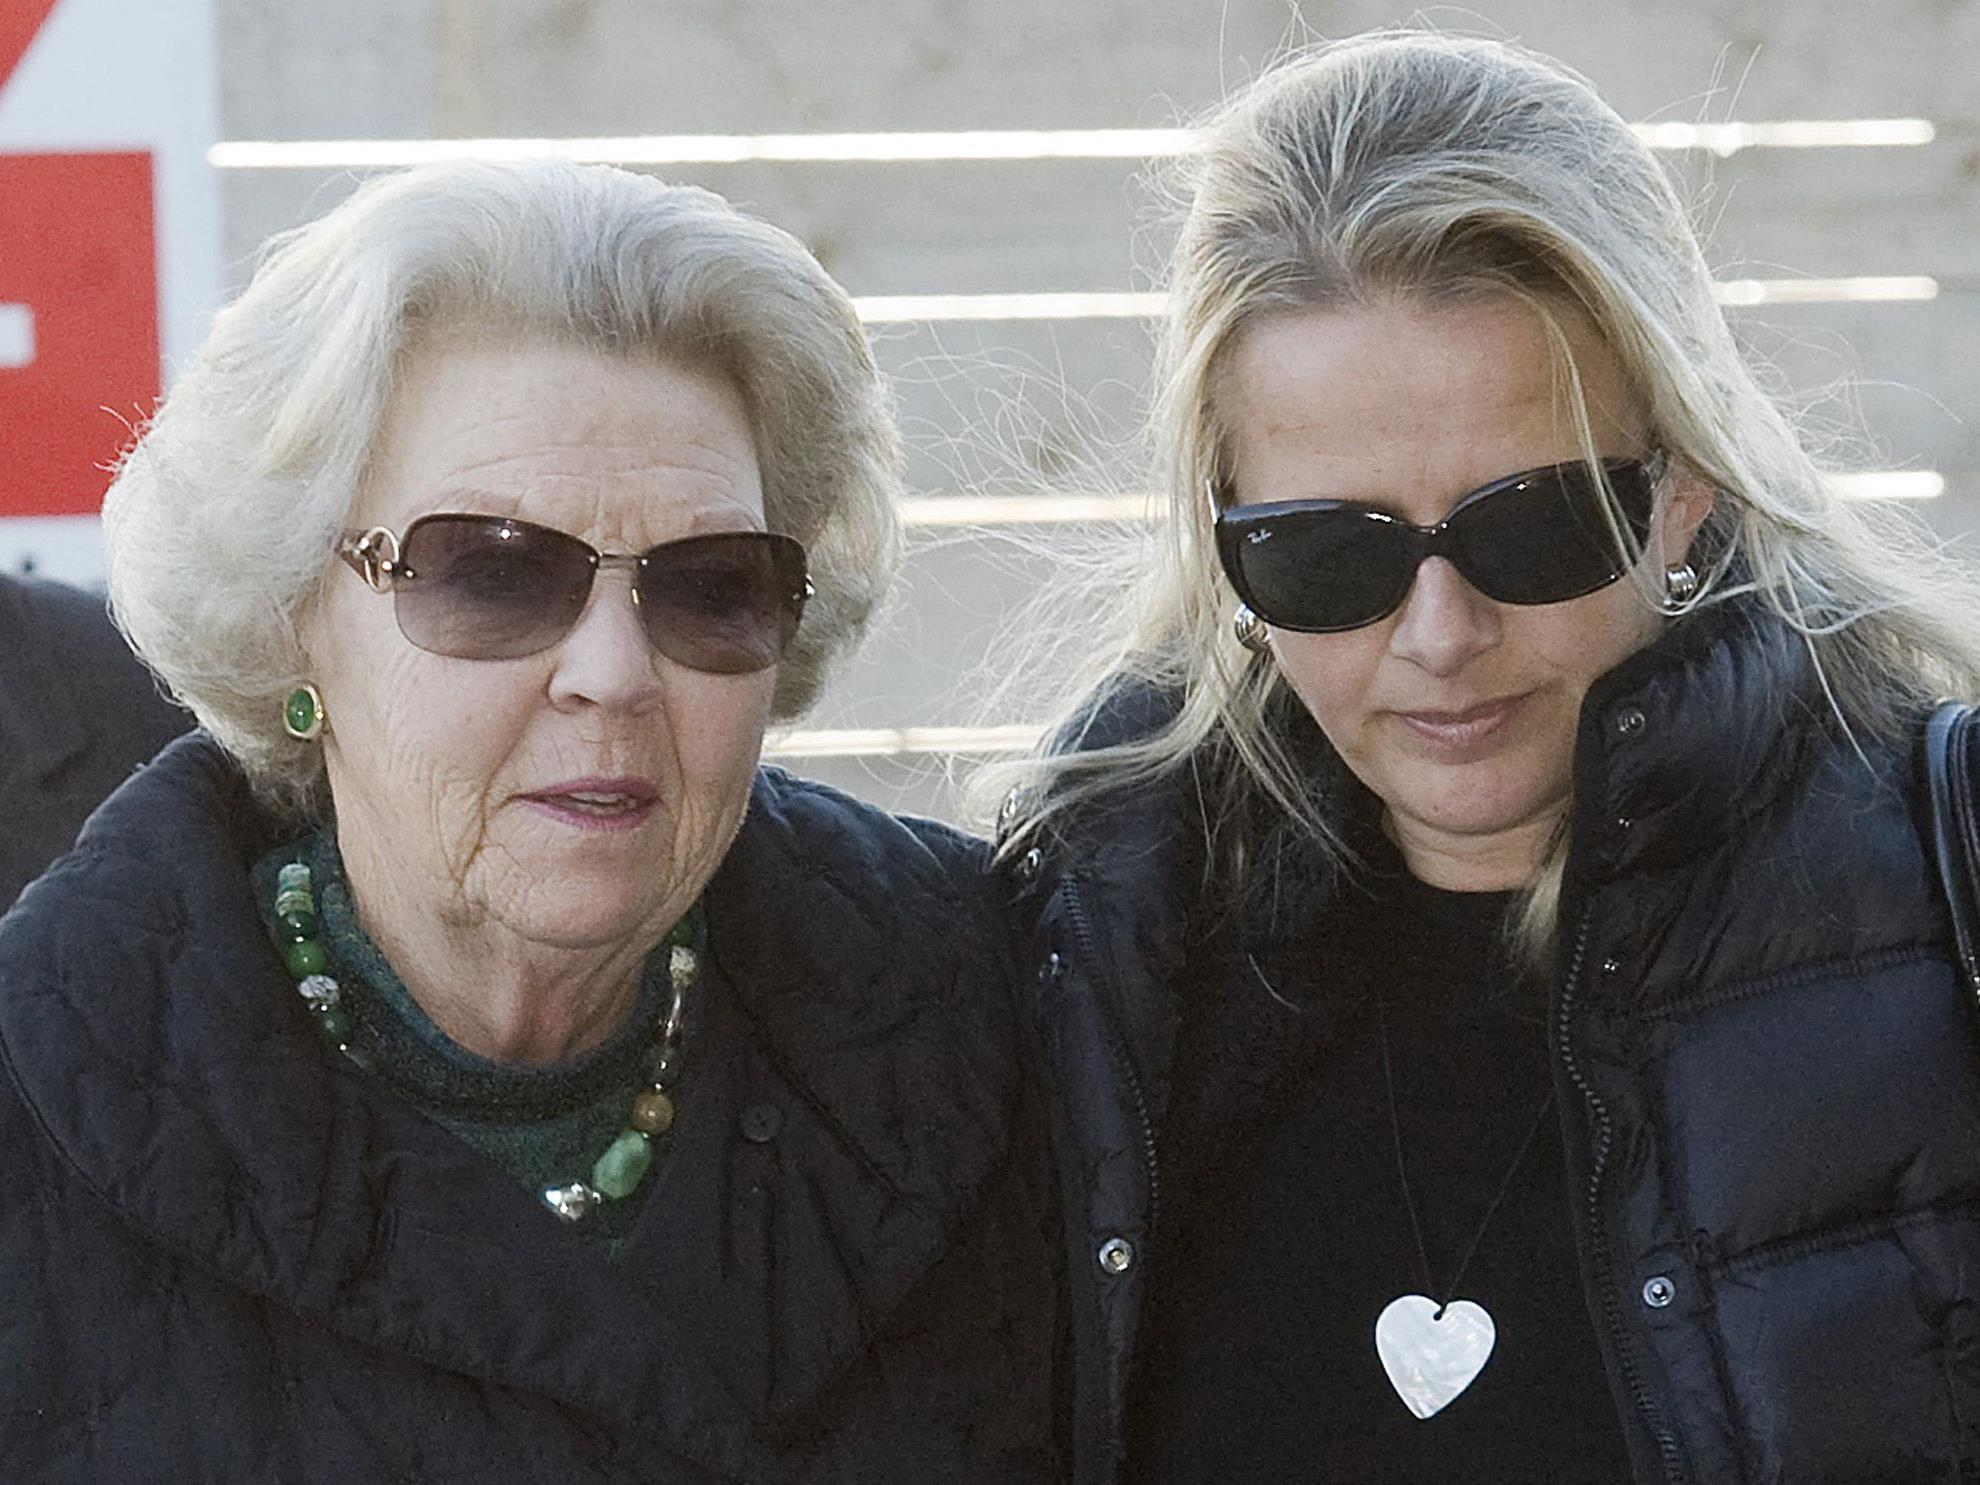 Königin Beatrix und Schwiegertochter Mabel auf Besuch bei Prinz Friso in der Uniklinik Innsbruck.